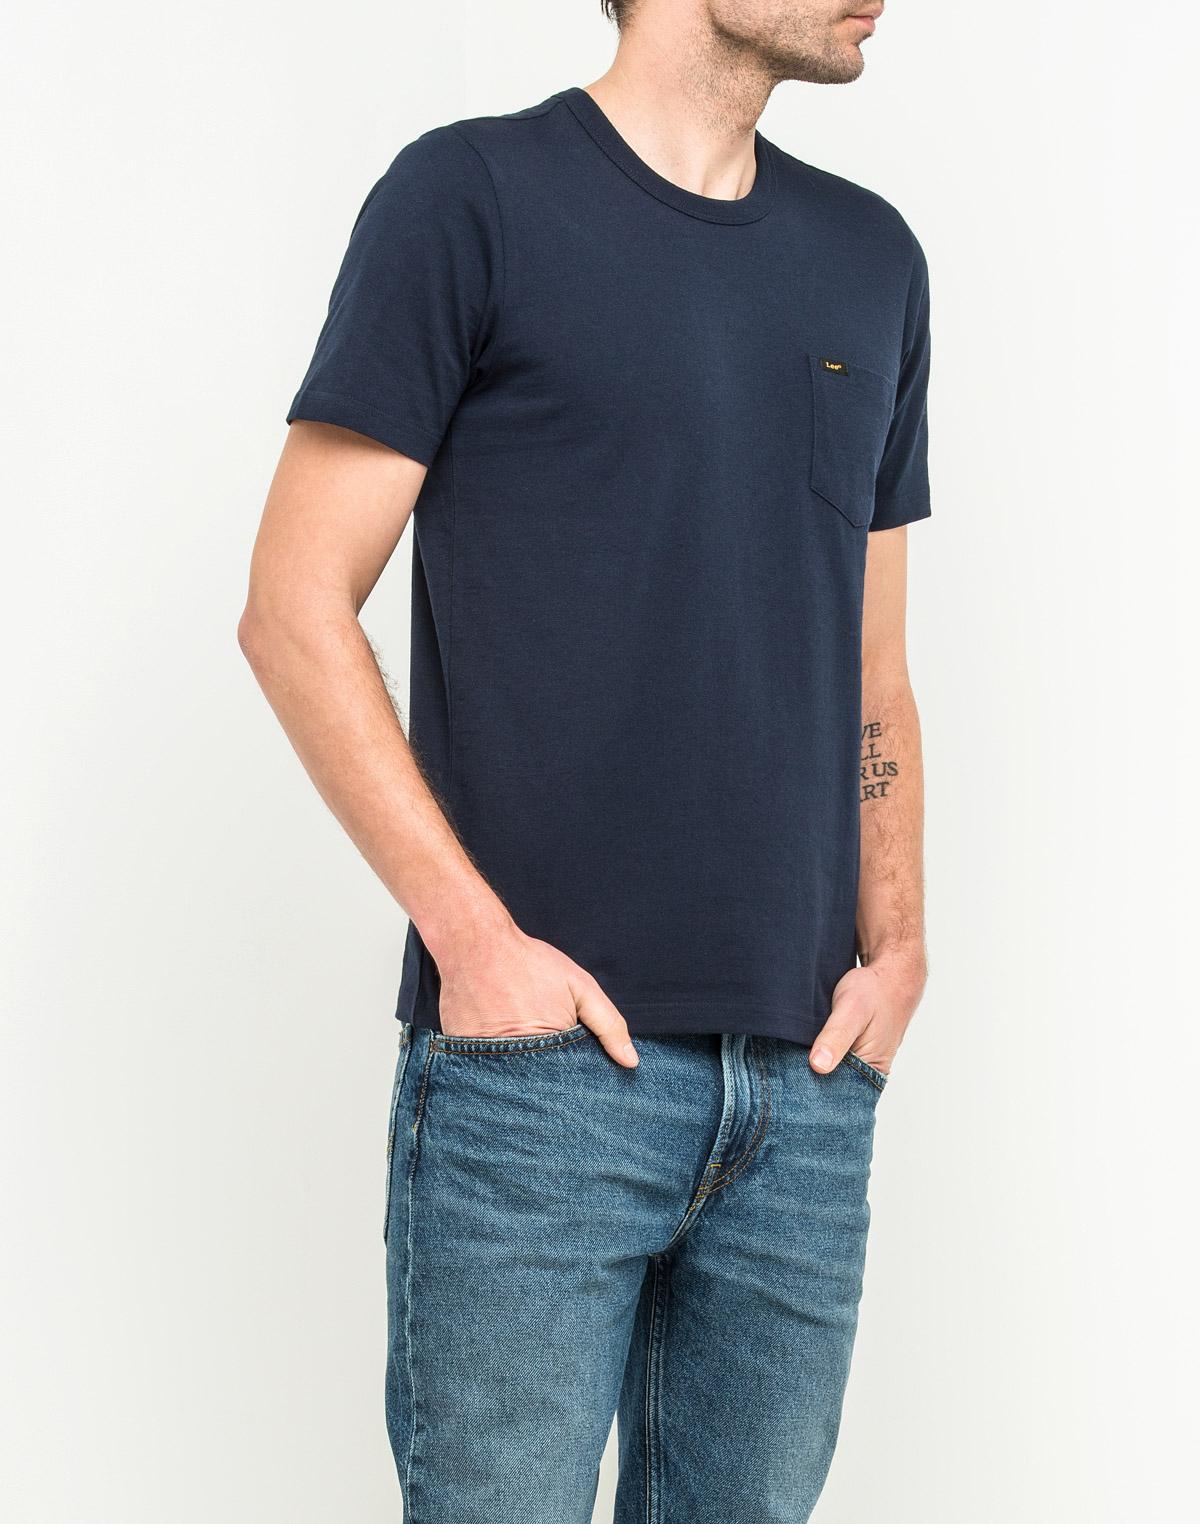 Футболка мужская Lee, цвет: темно-синий. L61IREEE. Размер L (50)L61IREEEМужская футболка Lee изготовлена из натурального хлопка. Модель с круглым вырезом горловины и короткими рукавами. На груди футболка дополнена накладным карманом.